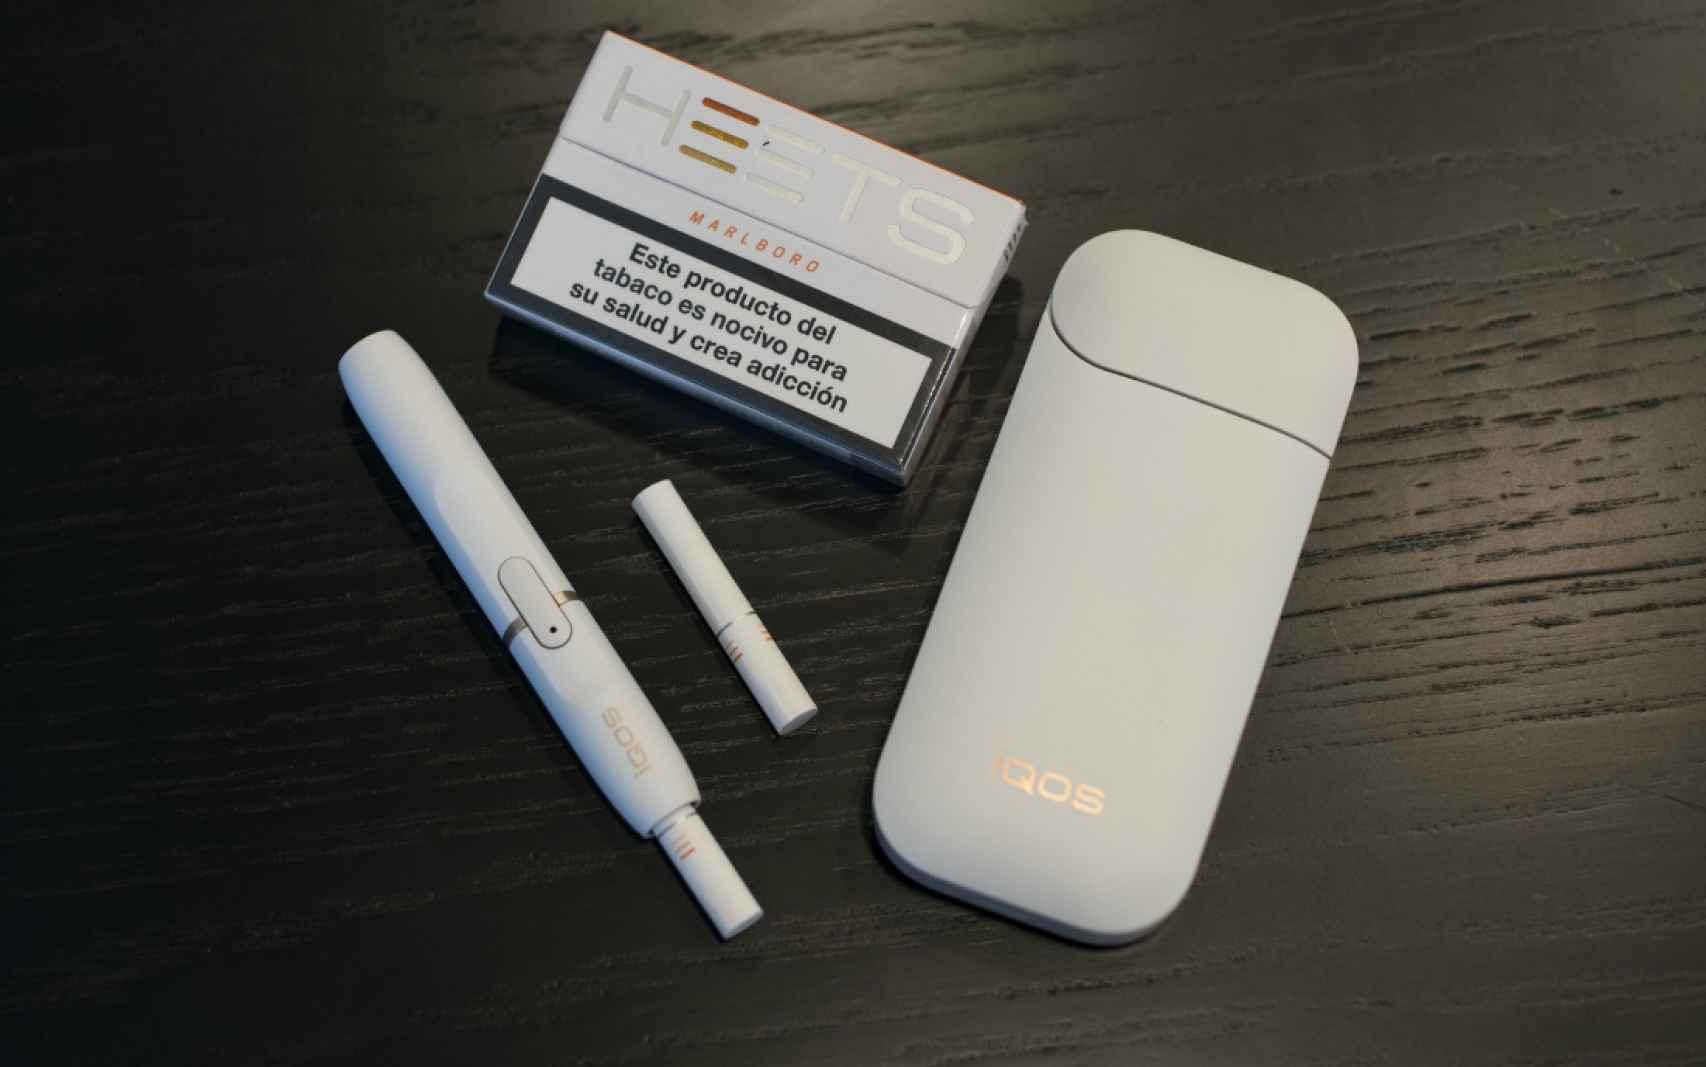 El dispositivo Iqos para calentar el cigarro, para fumarlo, y la cajetilla.